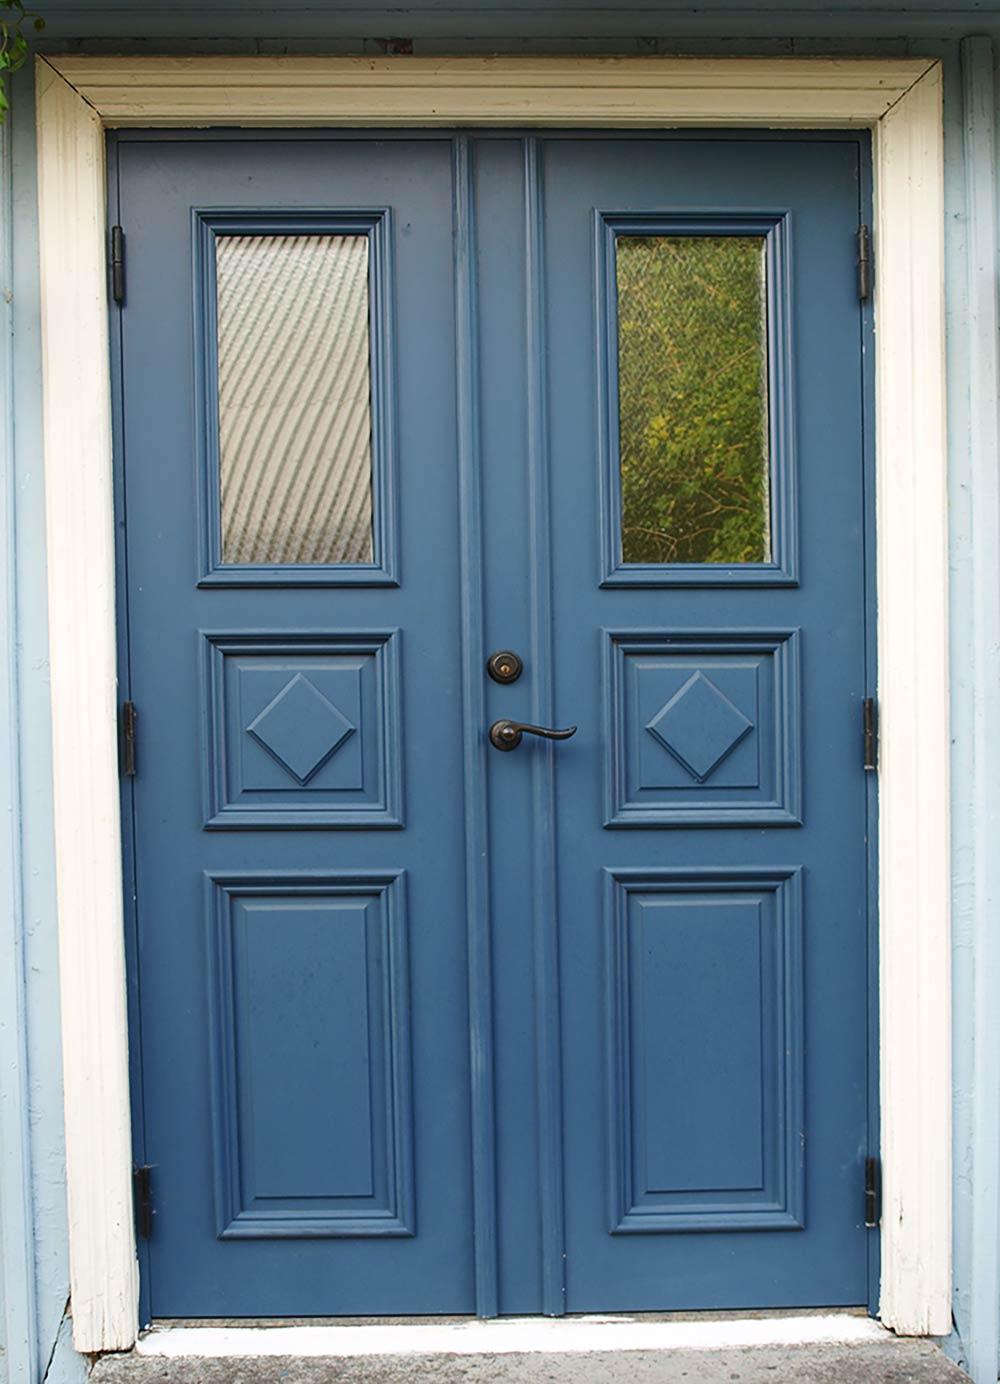 En blå ytterdörr.